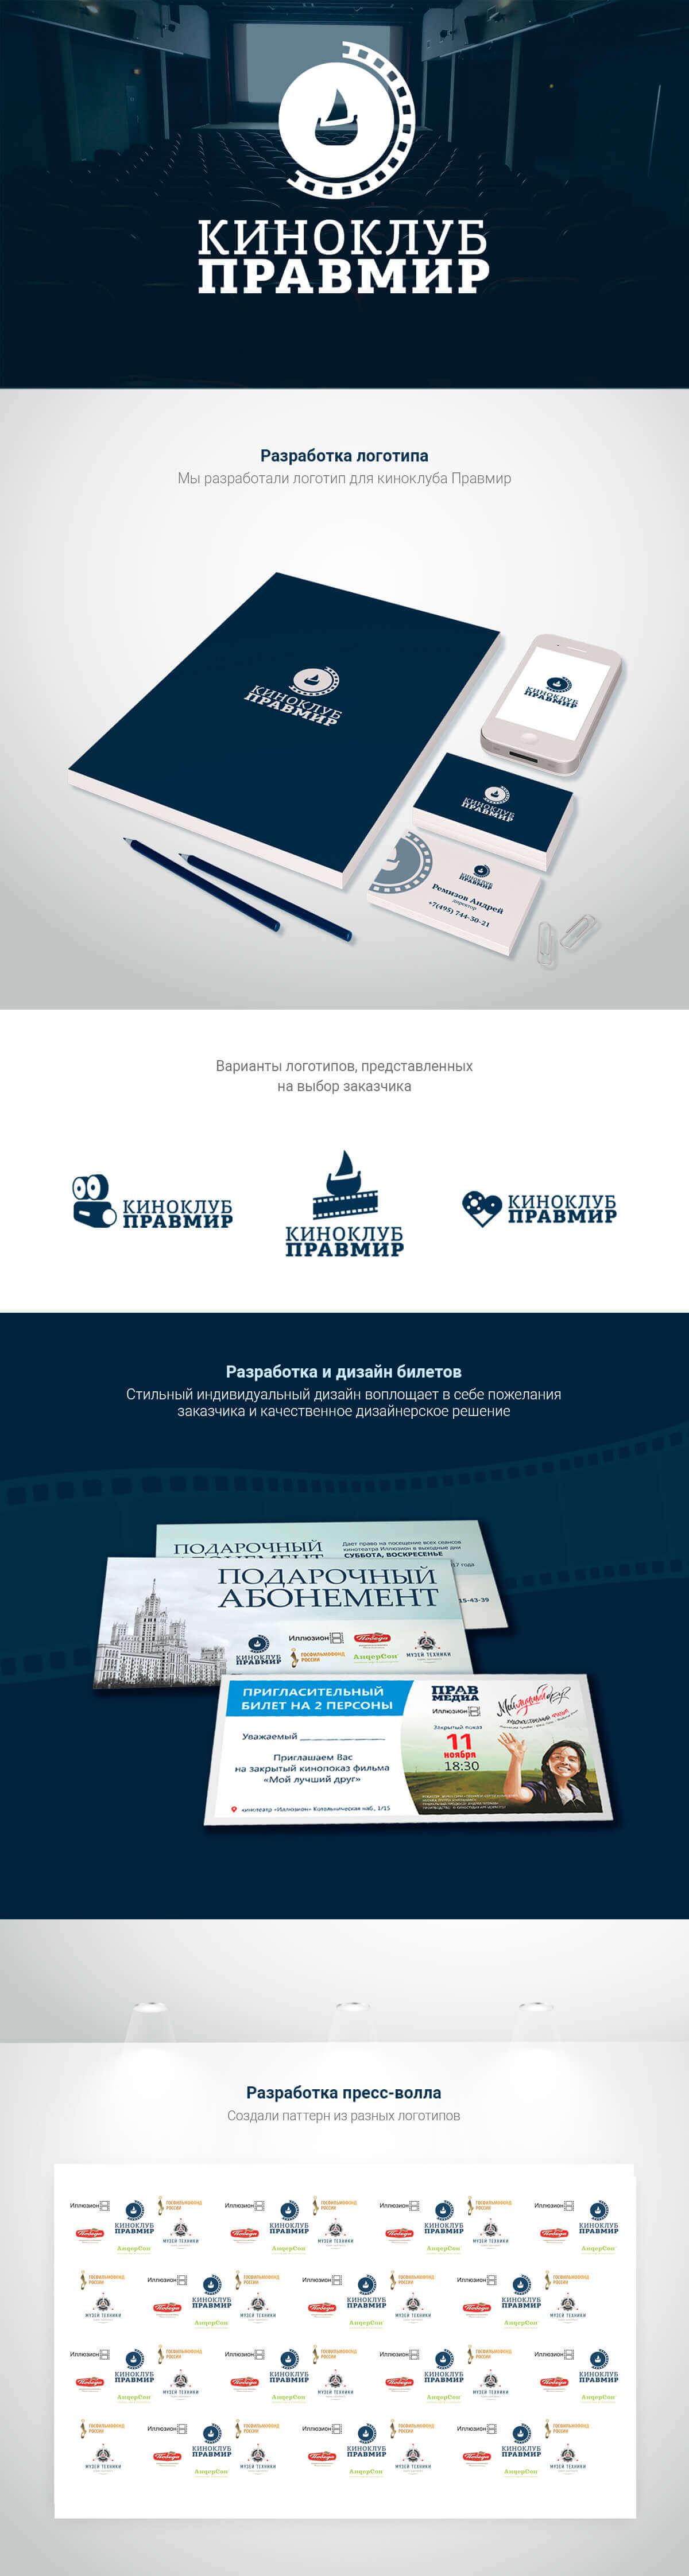 Логотип, билеты и пресс-волл для Киноклуба Правмир